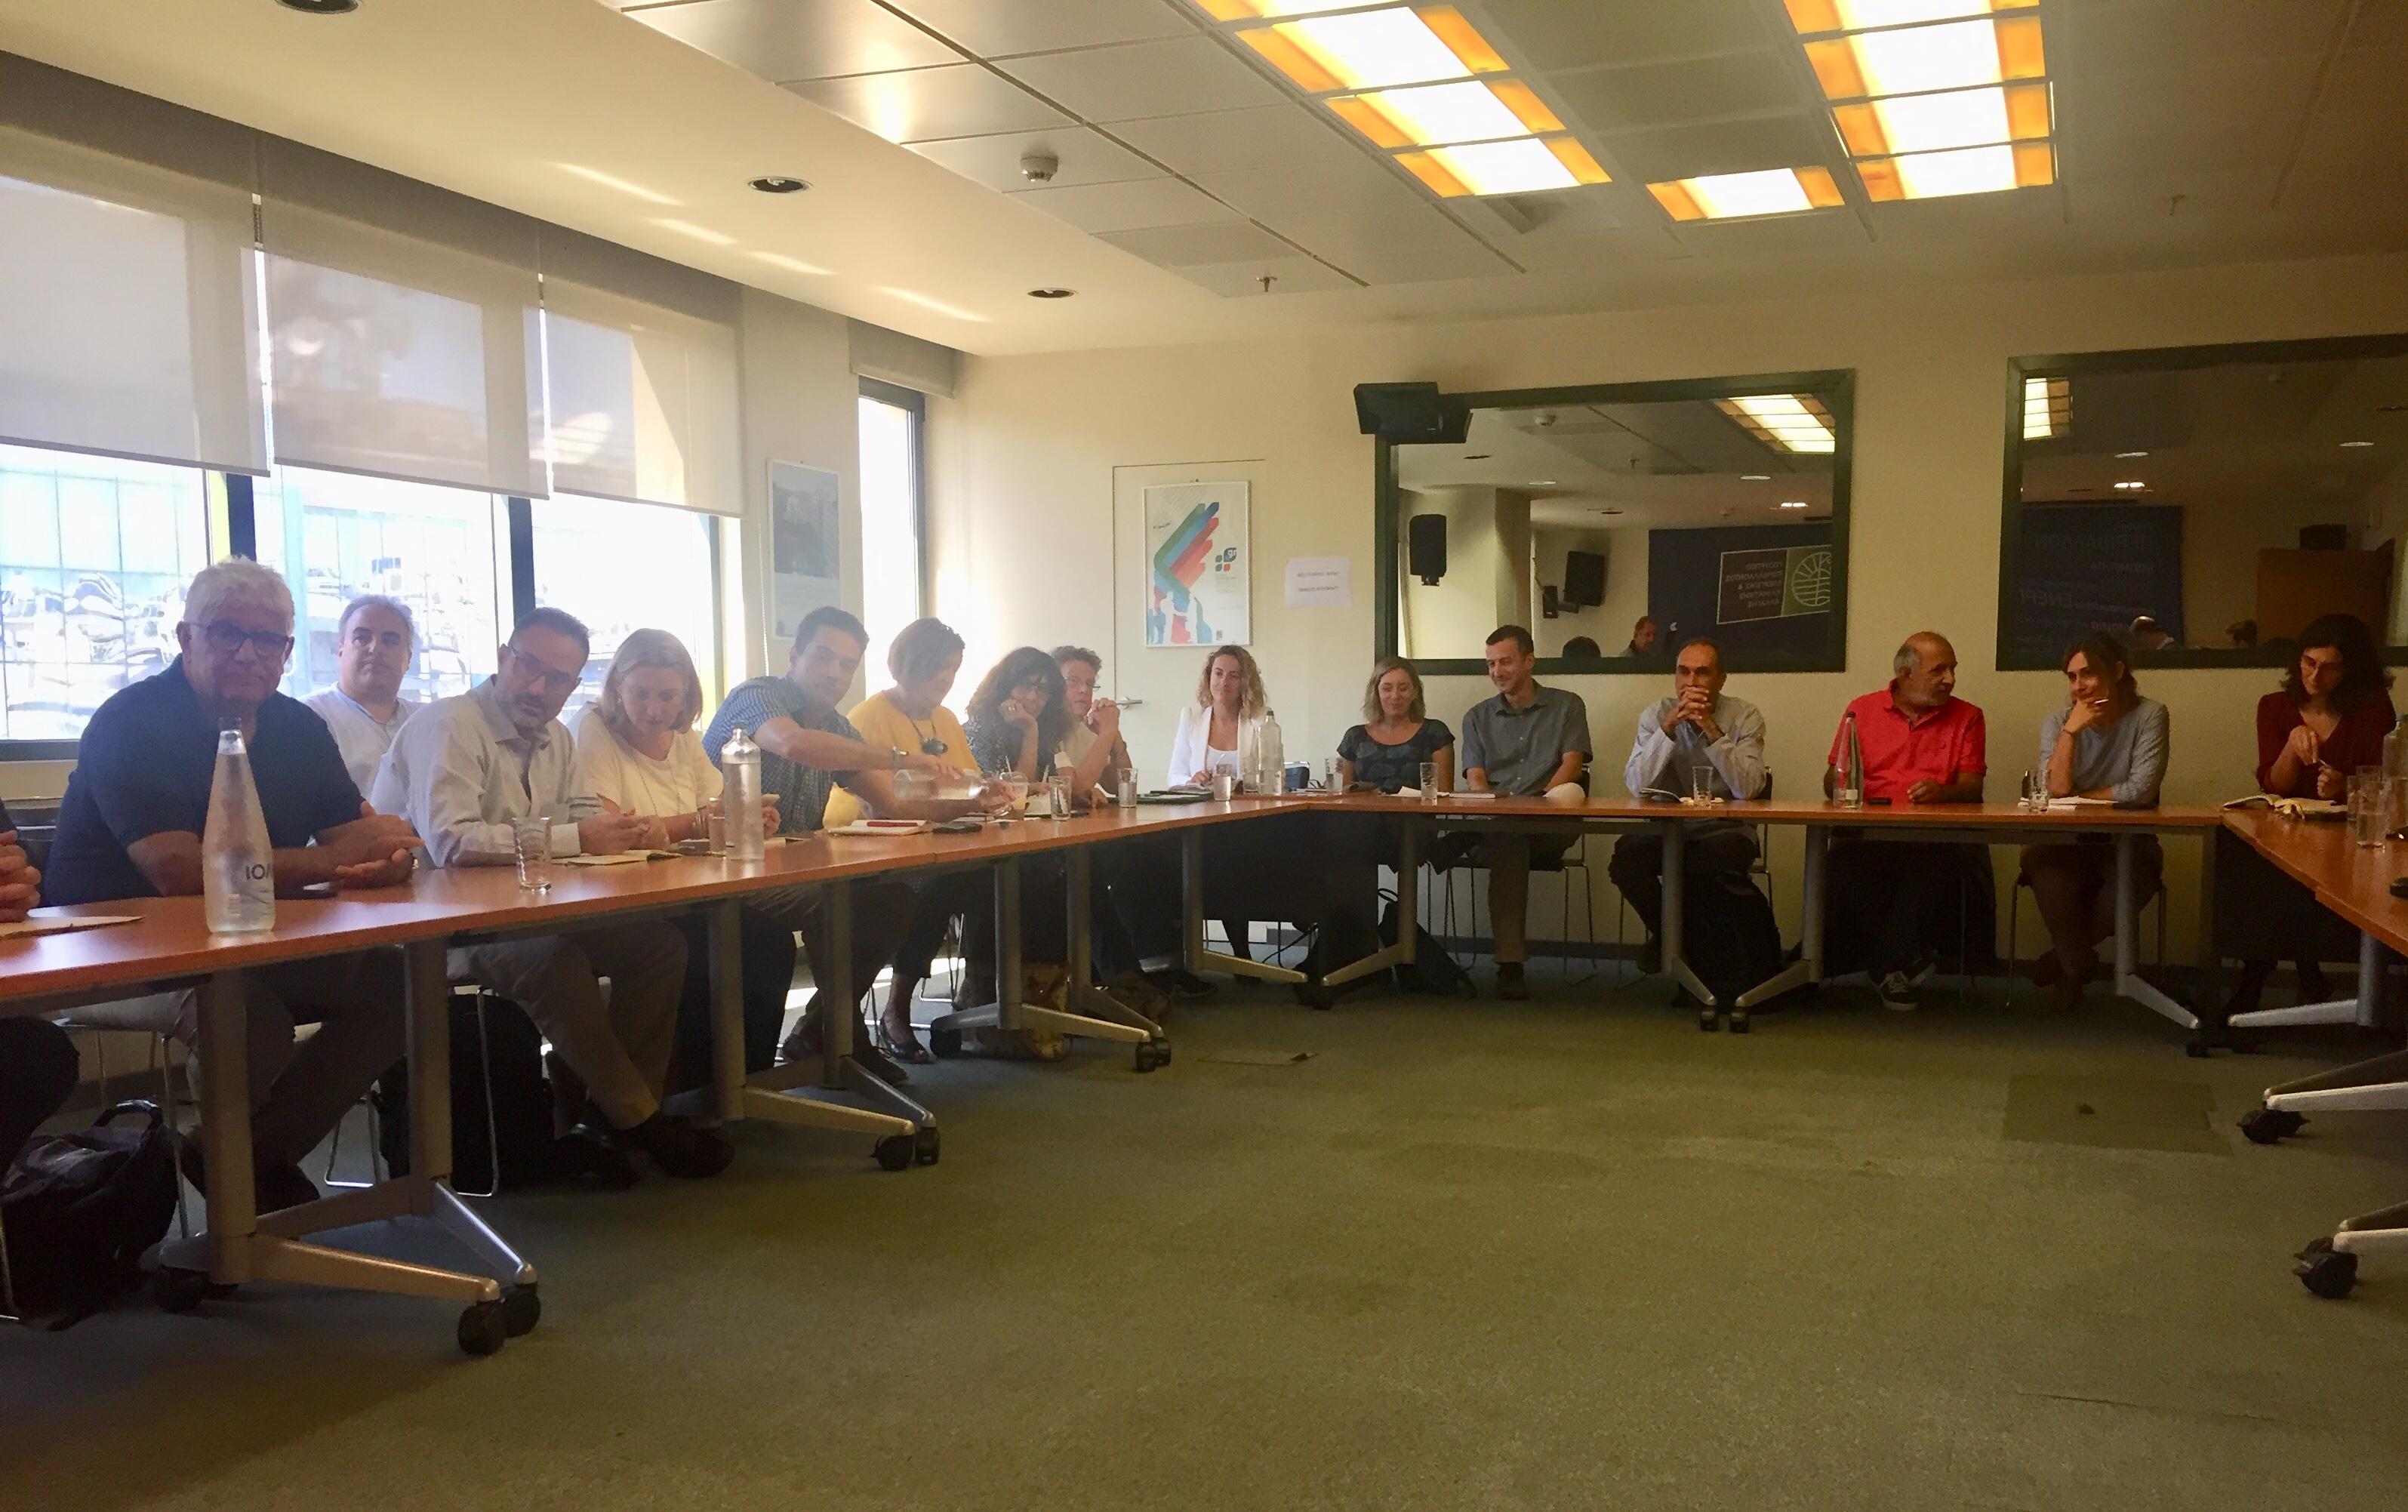 Κ. Χατζηδάκης: Φιλόδοξη ατζέντα της κυβέρνησης για το περιβάλλον και την κλιματική αλλαγή